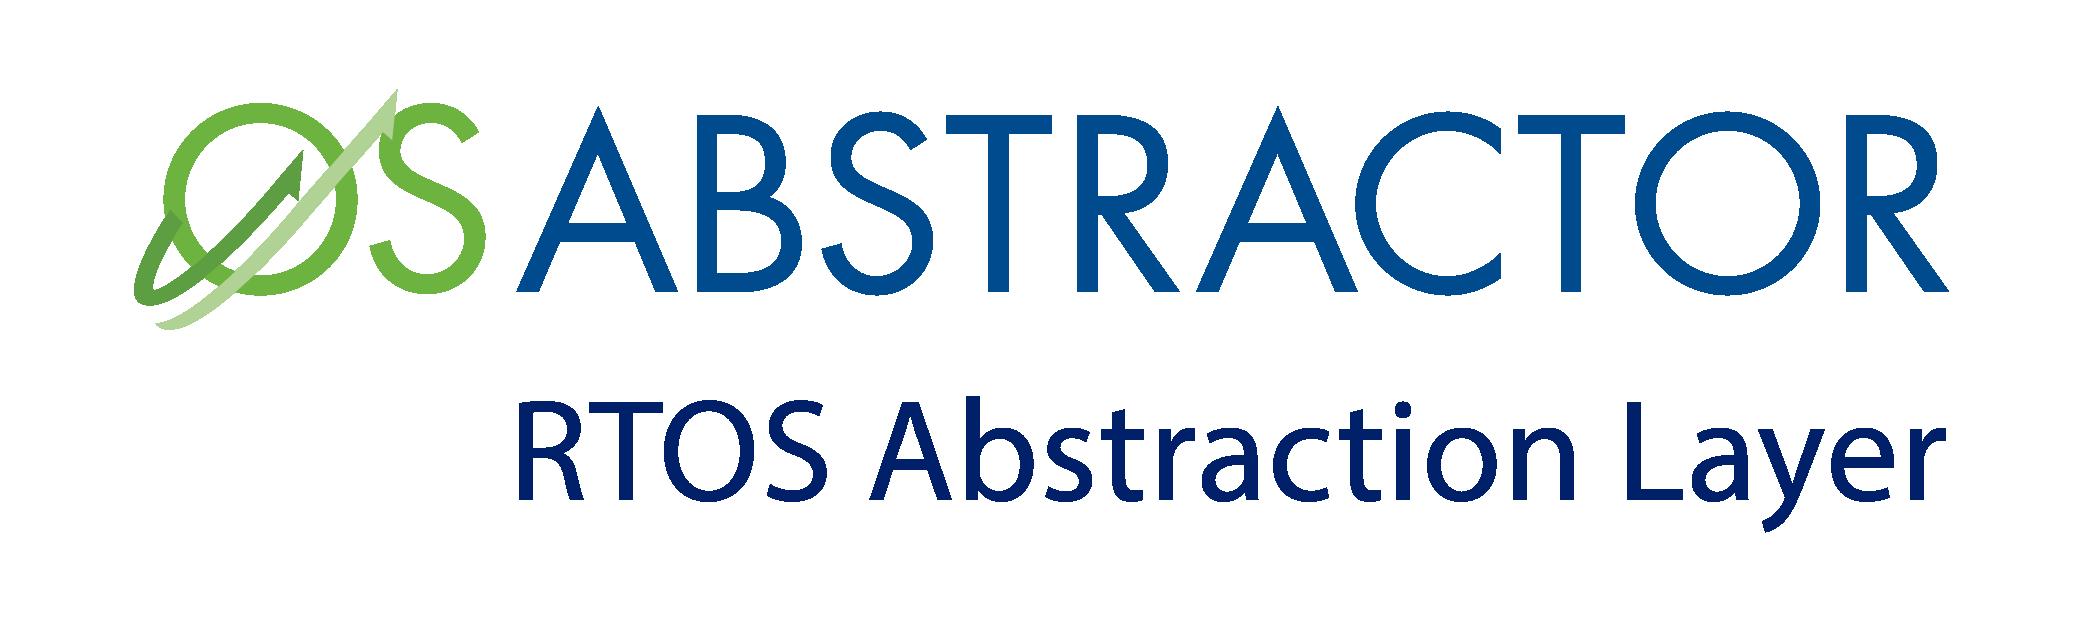 OS Abstractor Logo